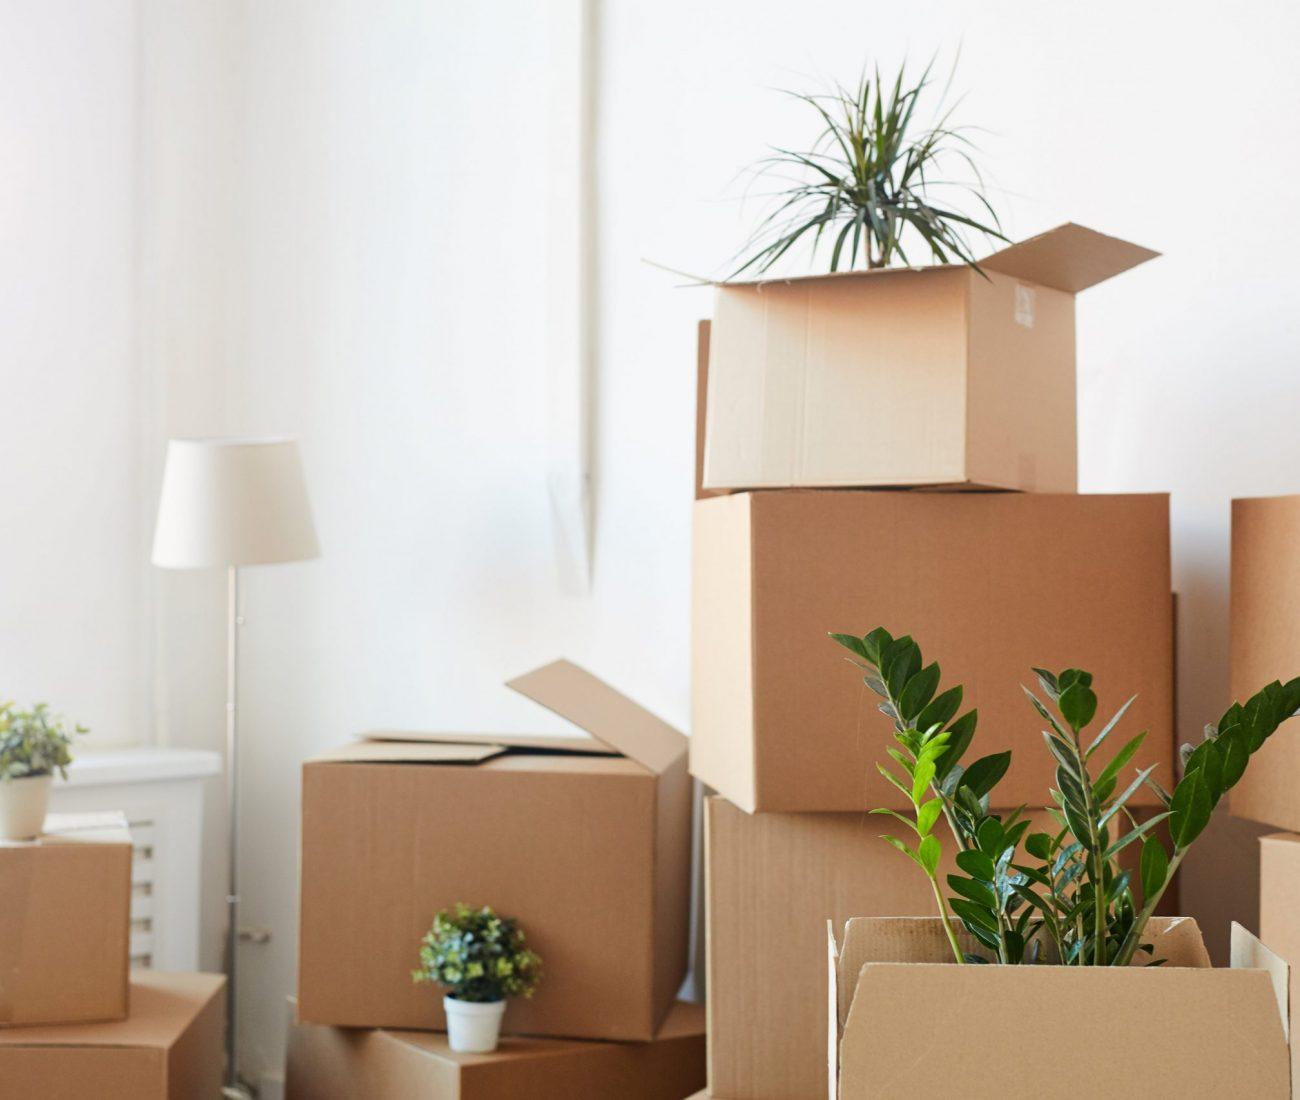 verhuizen-planen-dozen